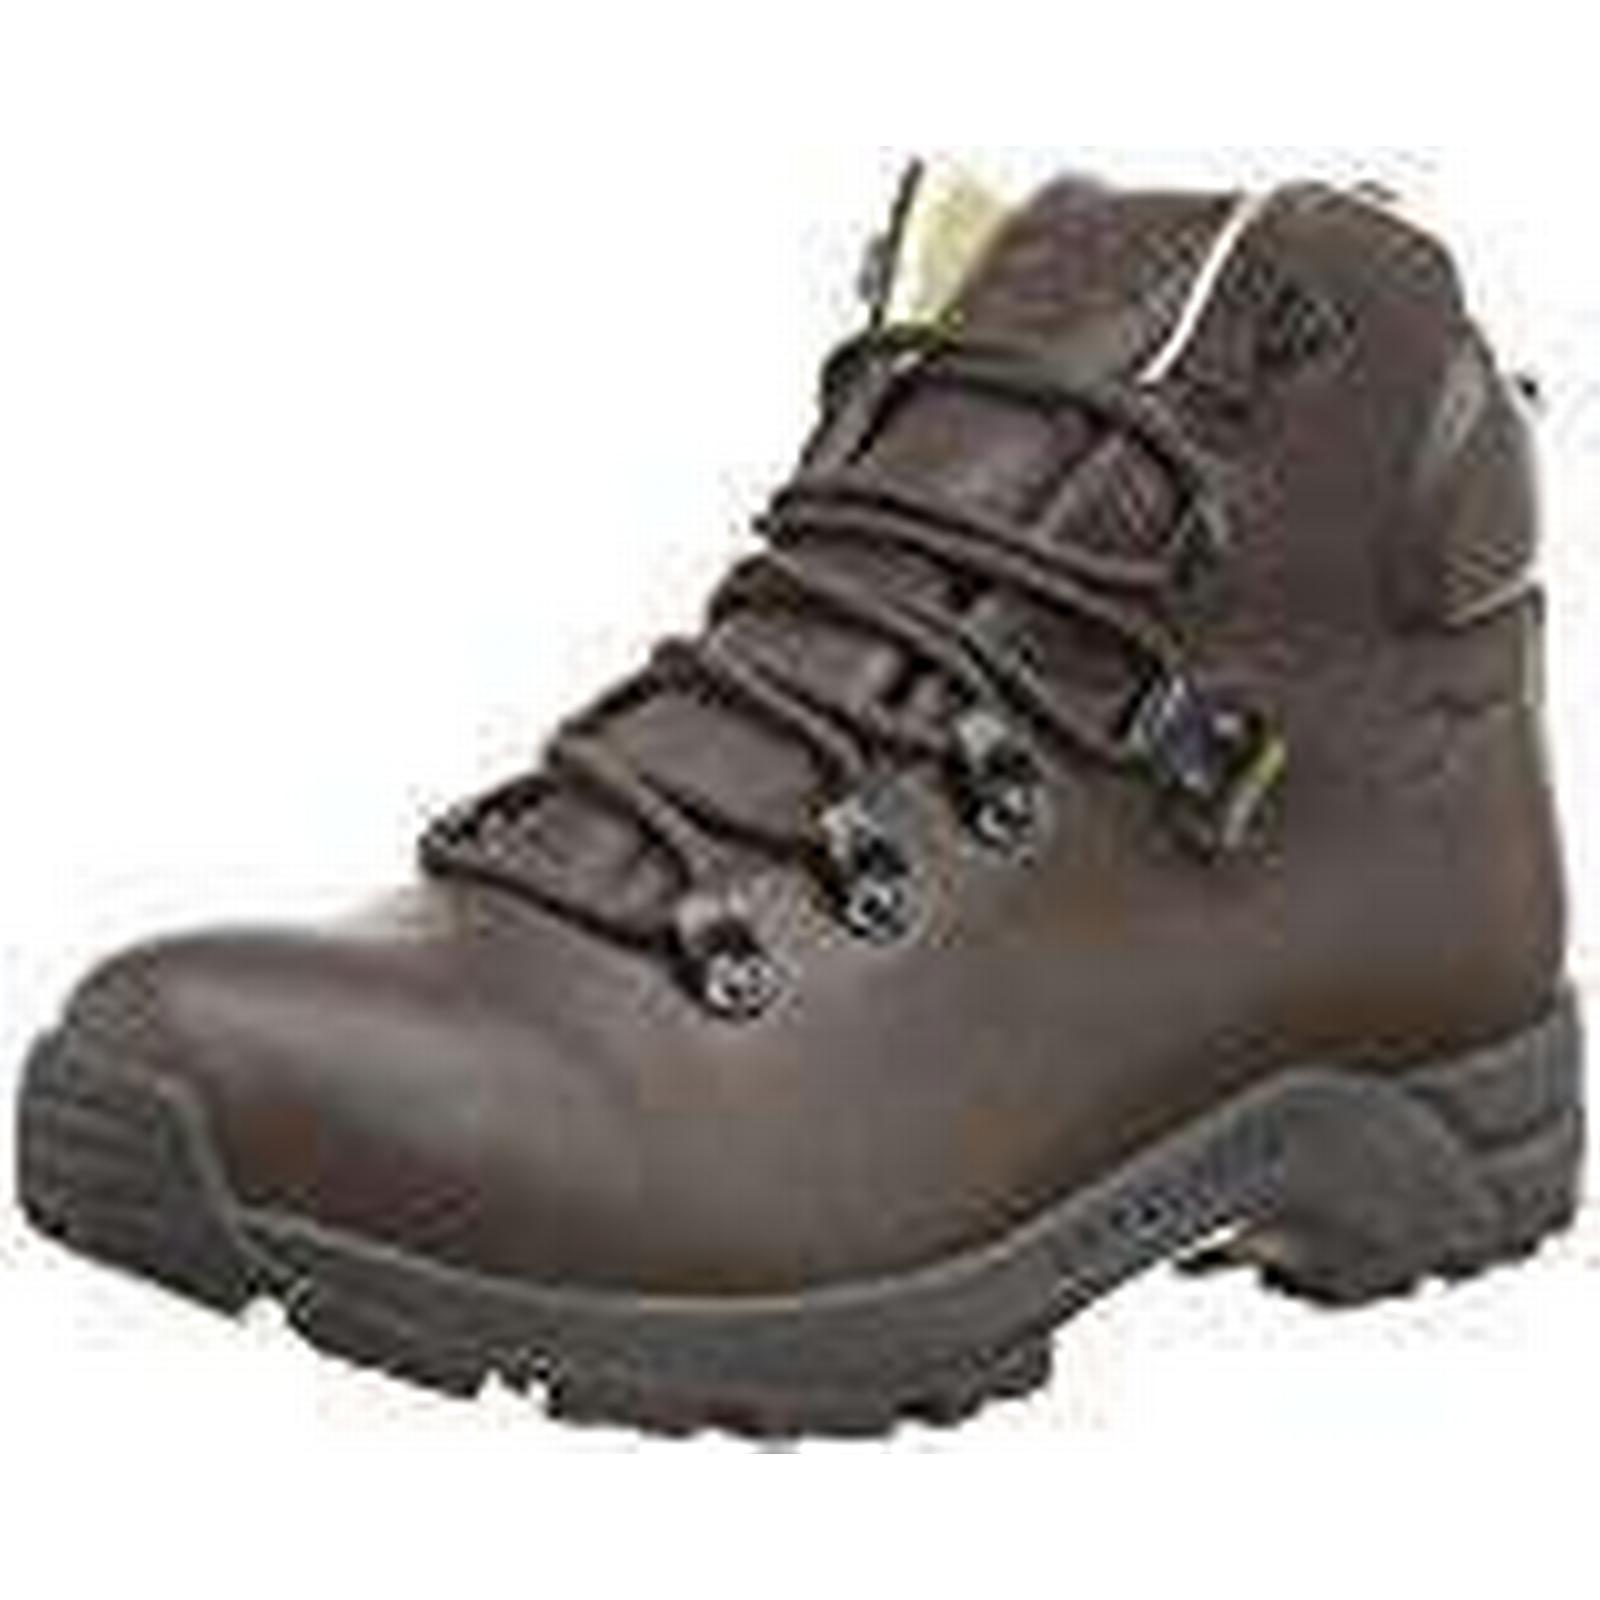 Berghaus Supalite II Gtx, Women High Rise Hiking 4.5 Shoes, Brown (Chocolate Cp1), 4.5 Hiking UK (37.5 EU) 23ffc4